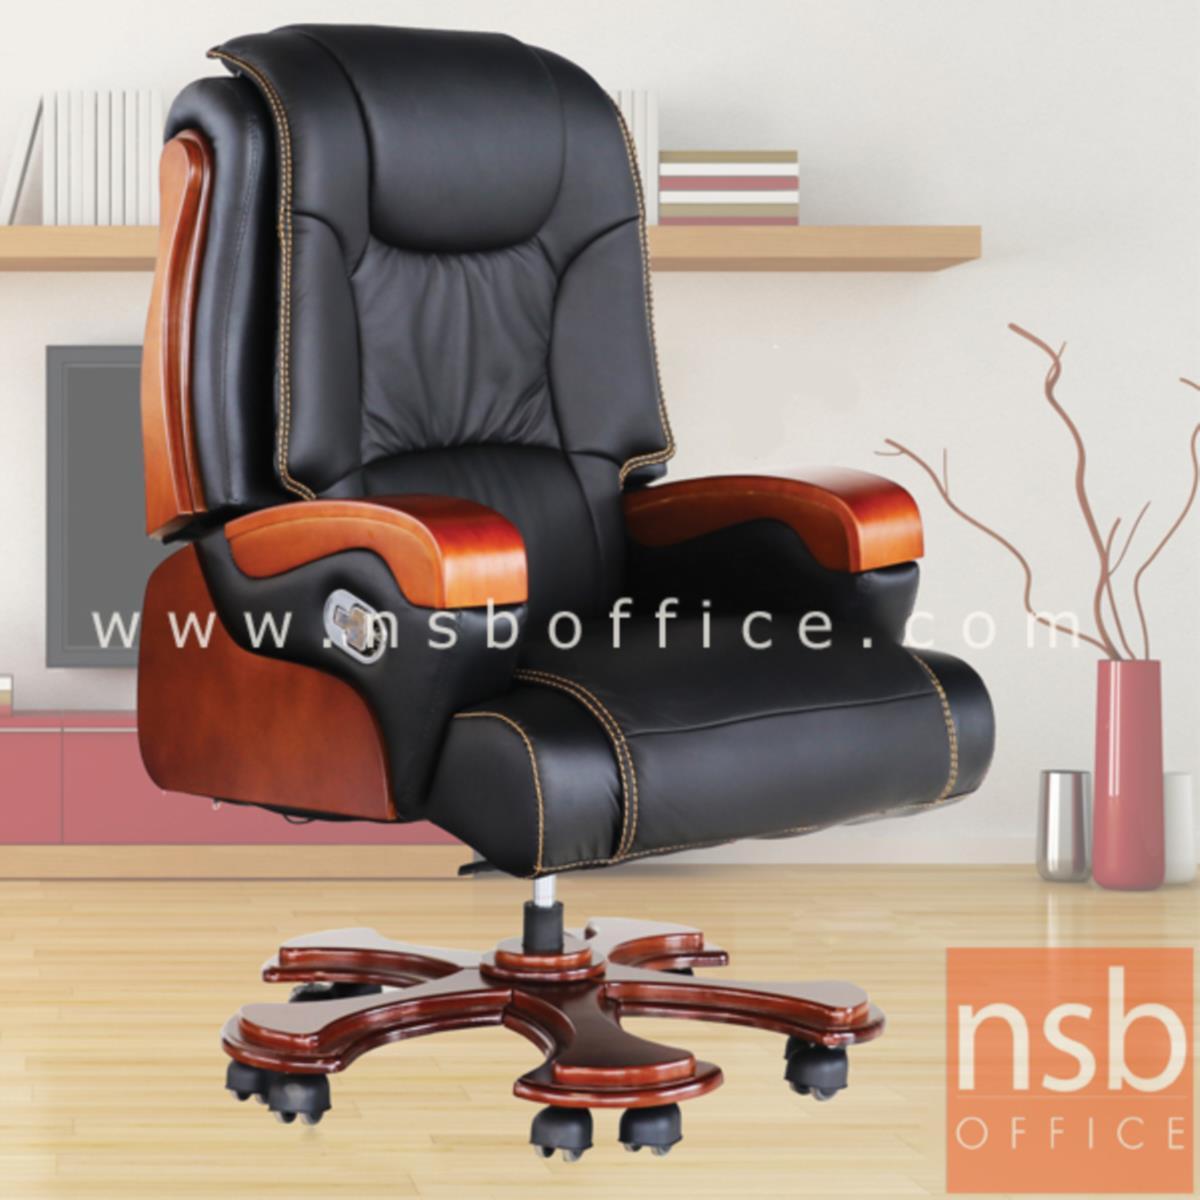 เก้าอี้ผู้บริหารด้านหน้าหนังแท้ รุ่น Blunt (บลันต์)  โช๊คแก๊ส มีก้อนโยก ขาไม้